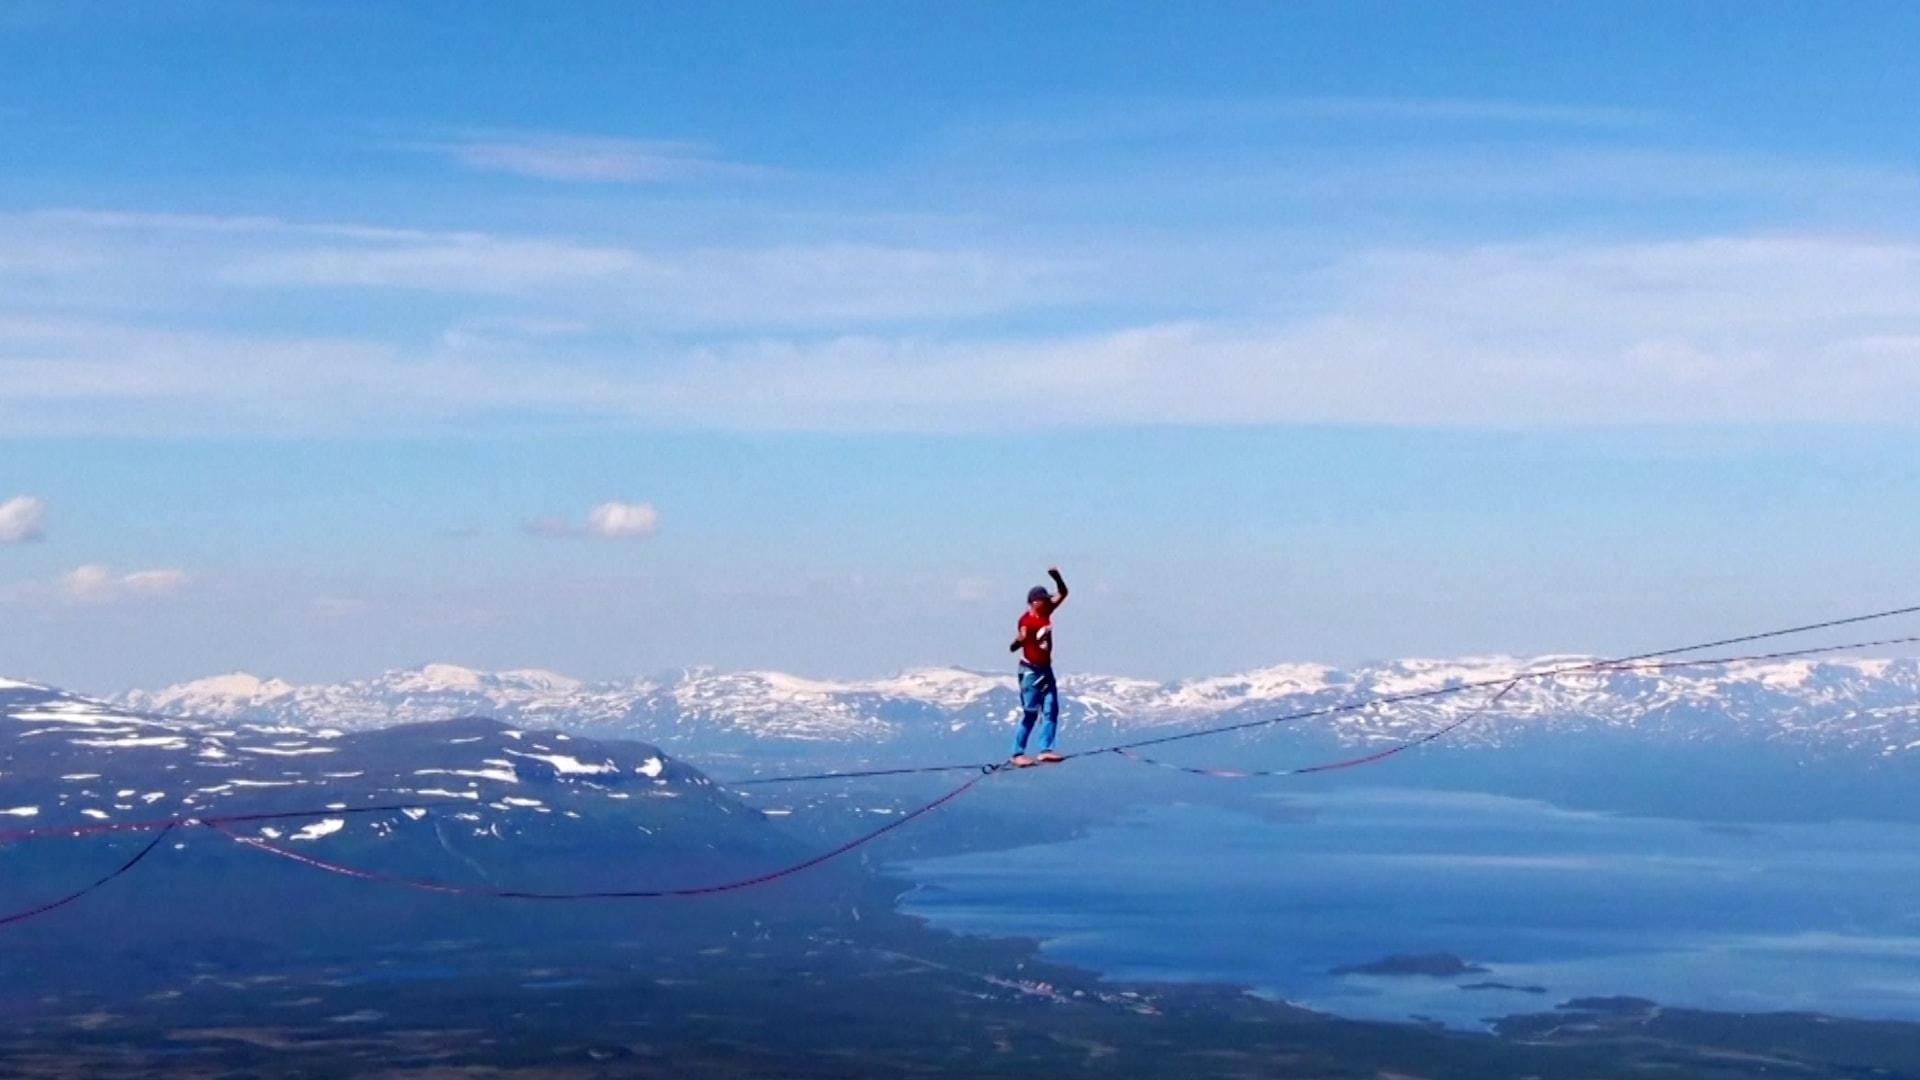 قطعوا أكثر من كيلومترين على حبل مشدود.. فريق سويدي يحقق رقمًا قياسيًا